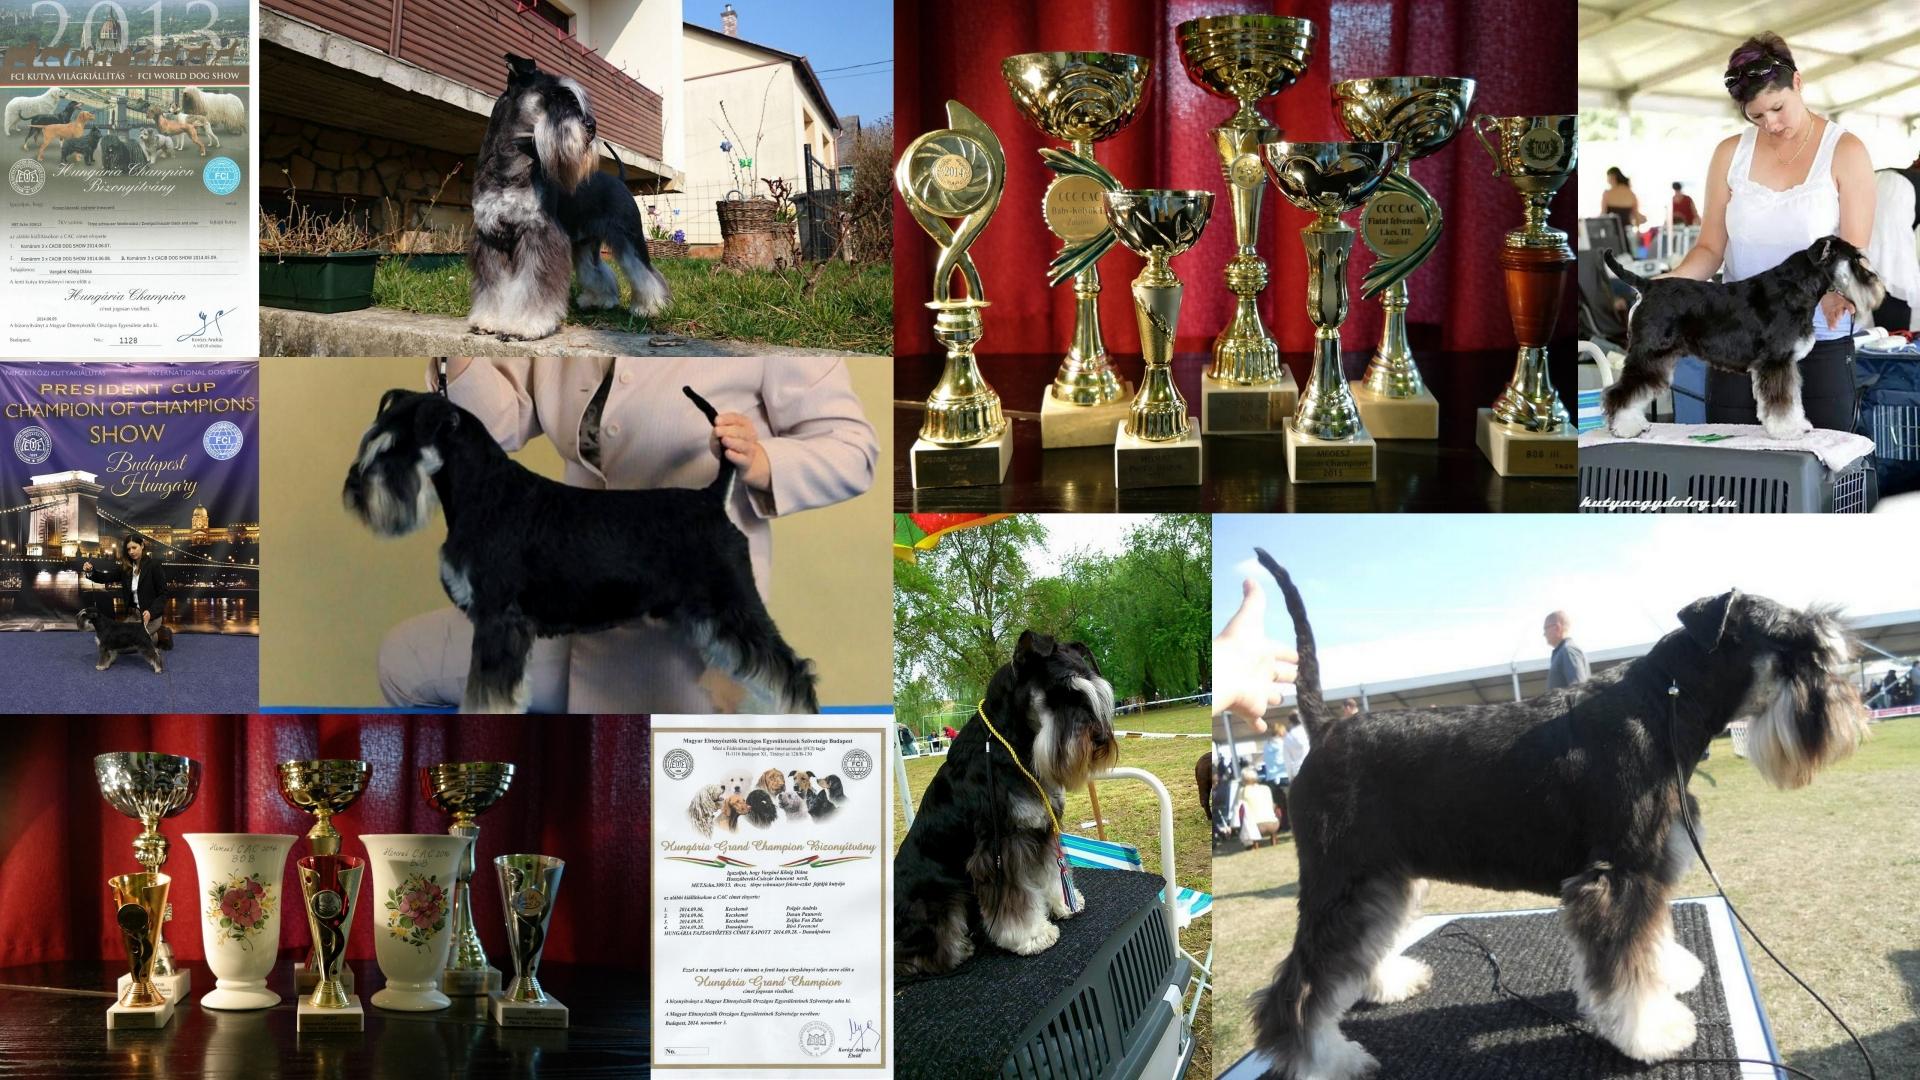 hosszúbereki_császár_innocent_frodó_fekete_ezüst_törpe_schnauzer_diploma_kiállítások_dog_show_black_and_silver_schnauzer_